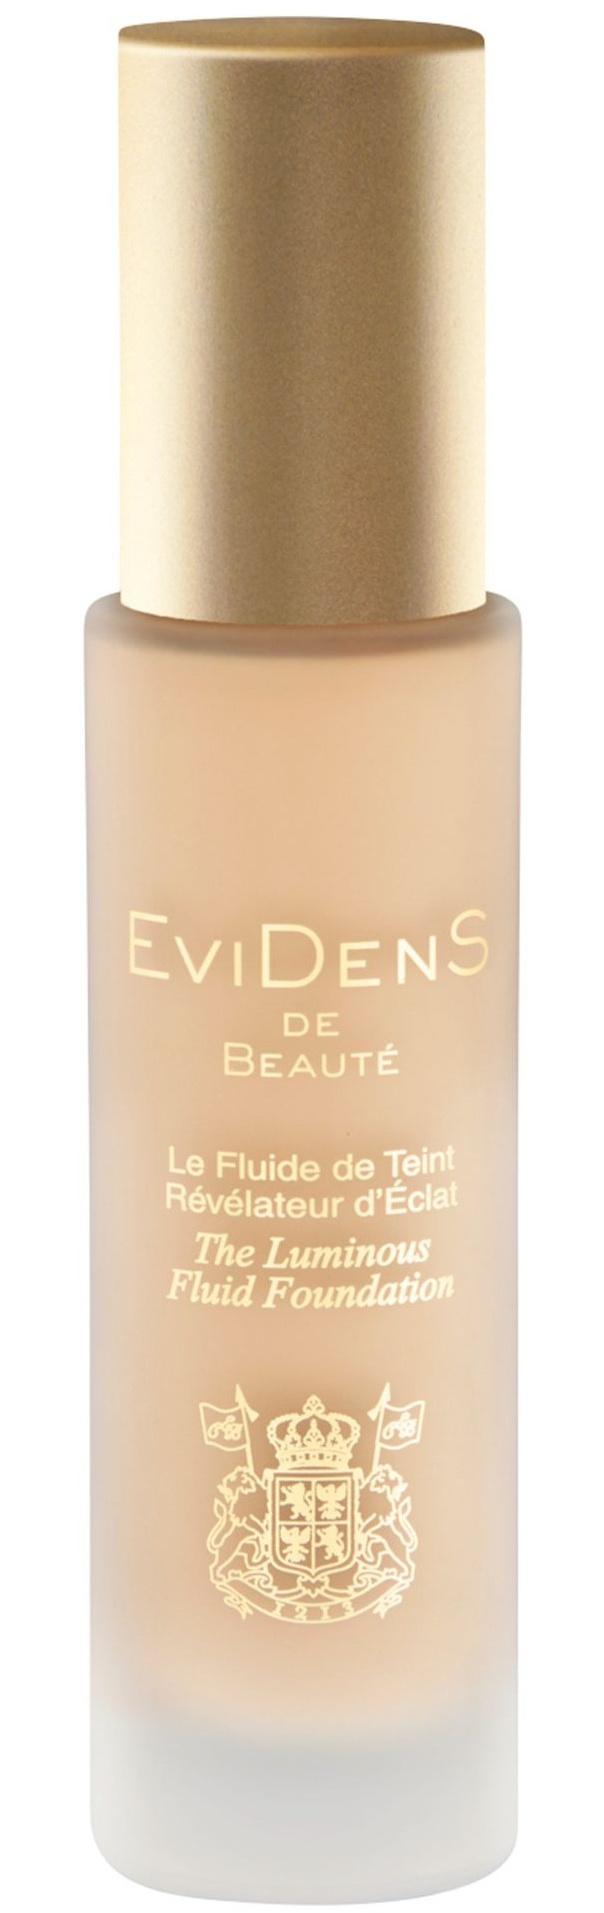 Evidens De Beauté The Luminous Fluid Foundation